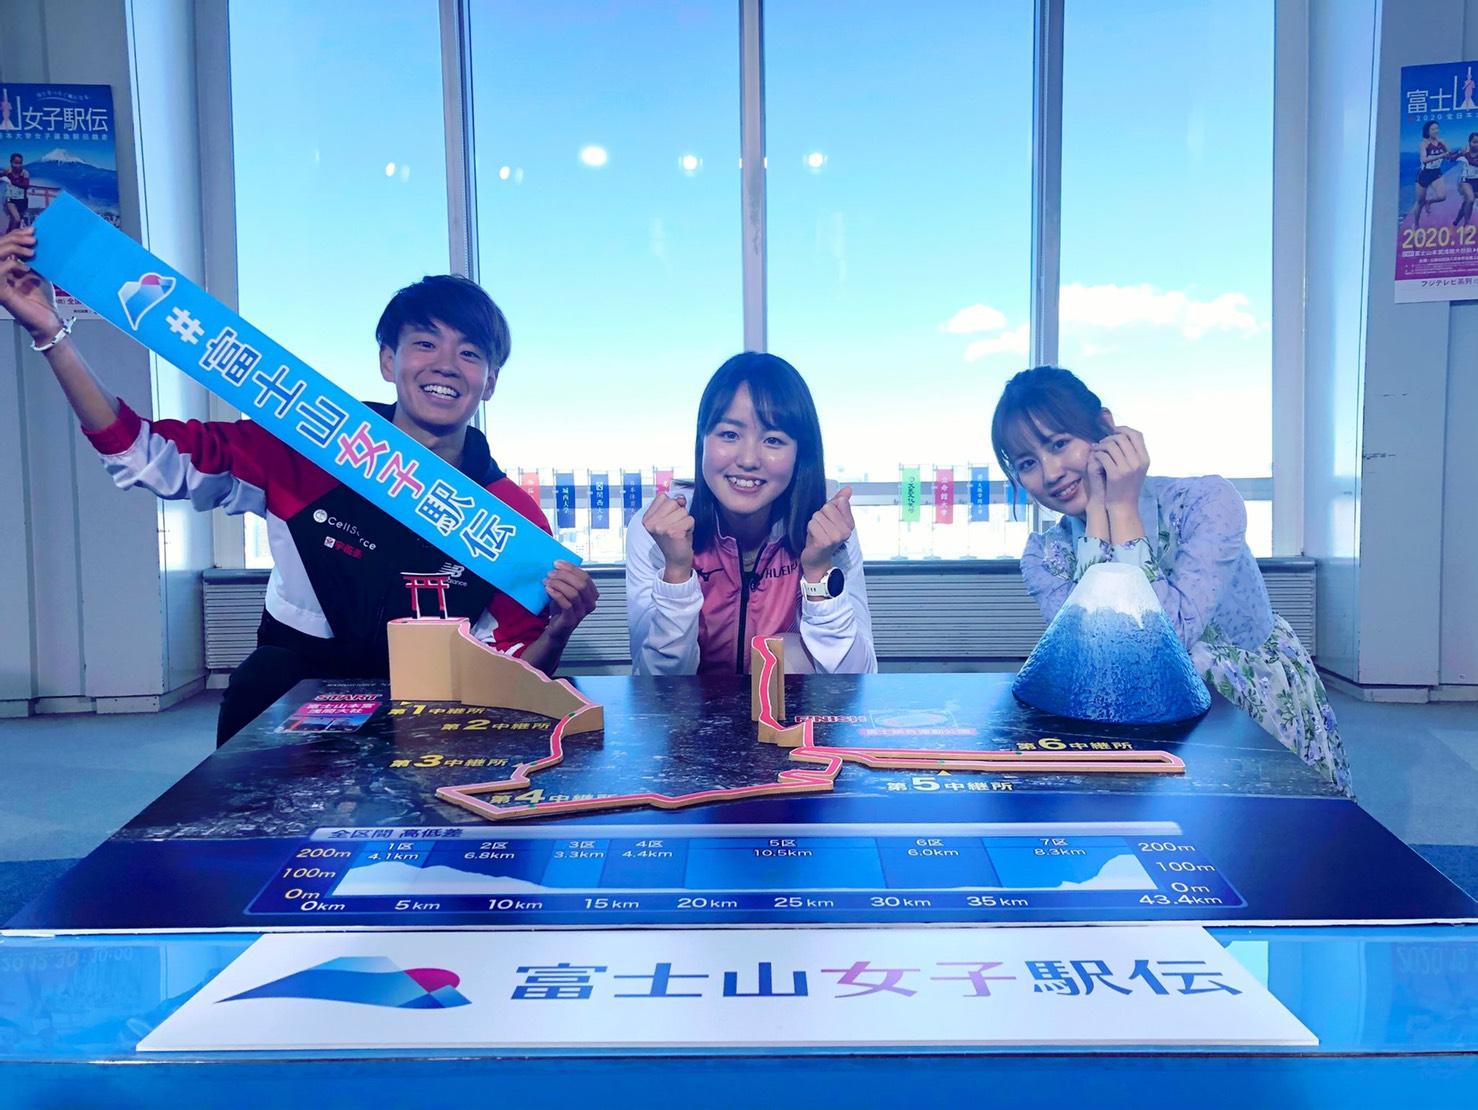 【連載コラム】NGT48西村菜那子の陸上日記#32